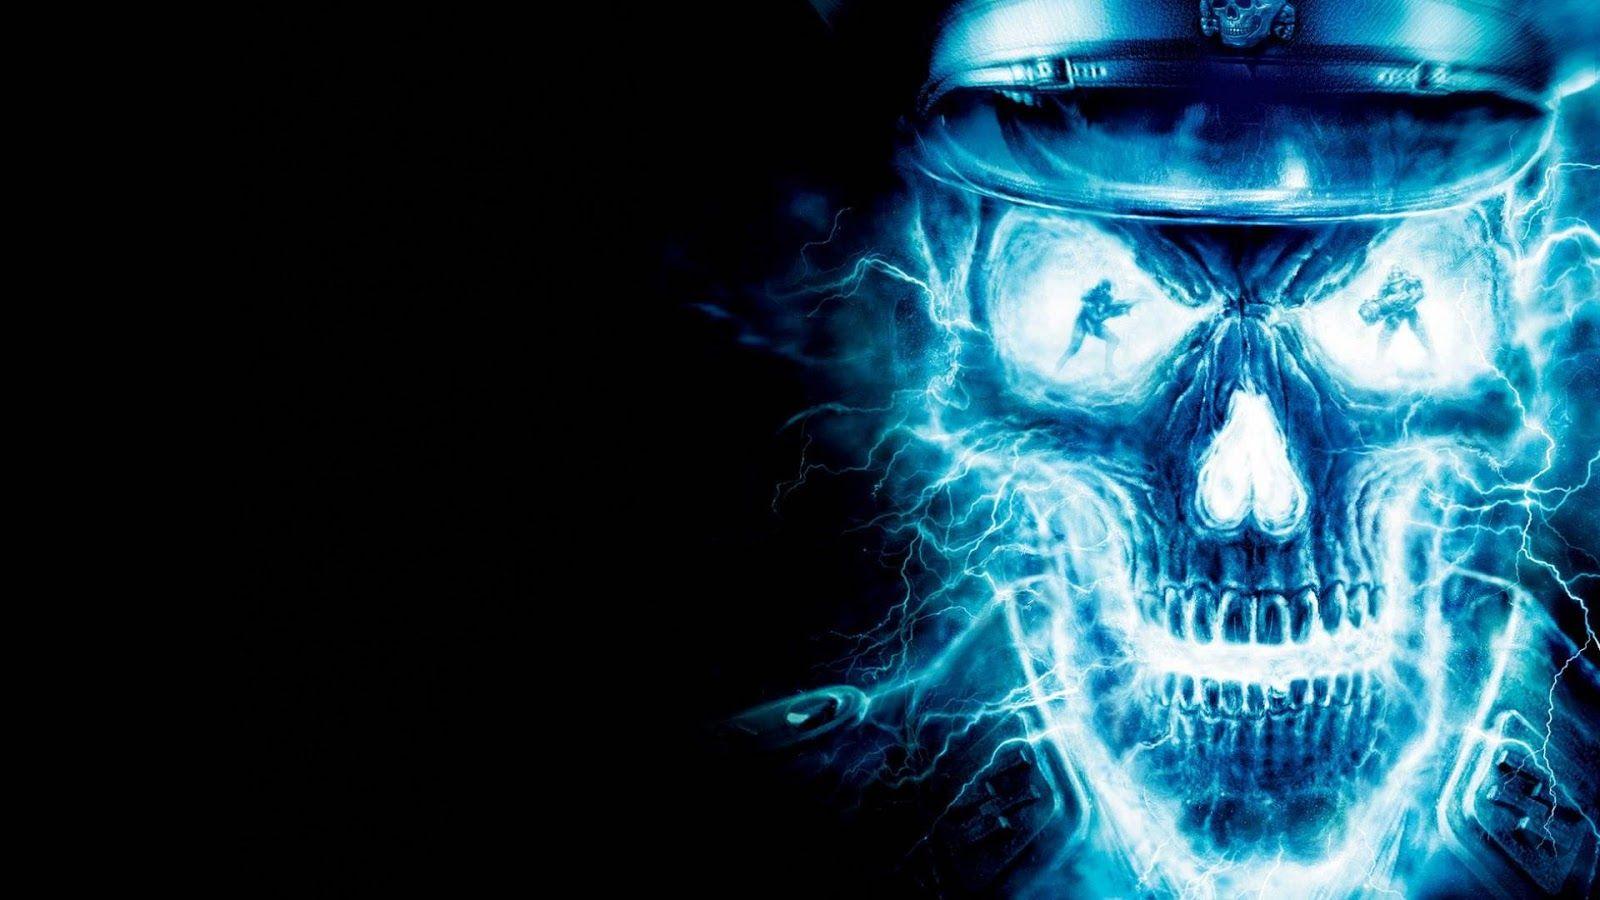 Hd Skull Wallpapers 1080p Ghost Rider Wallpaper Skull Wallpaper Hd Skull Wallpapers